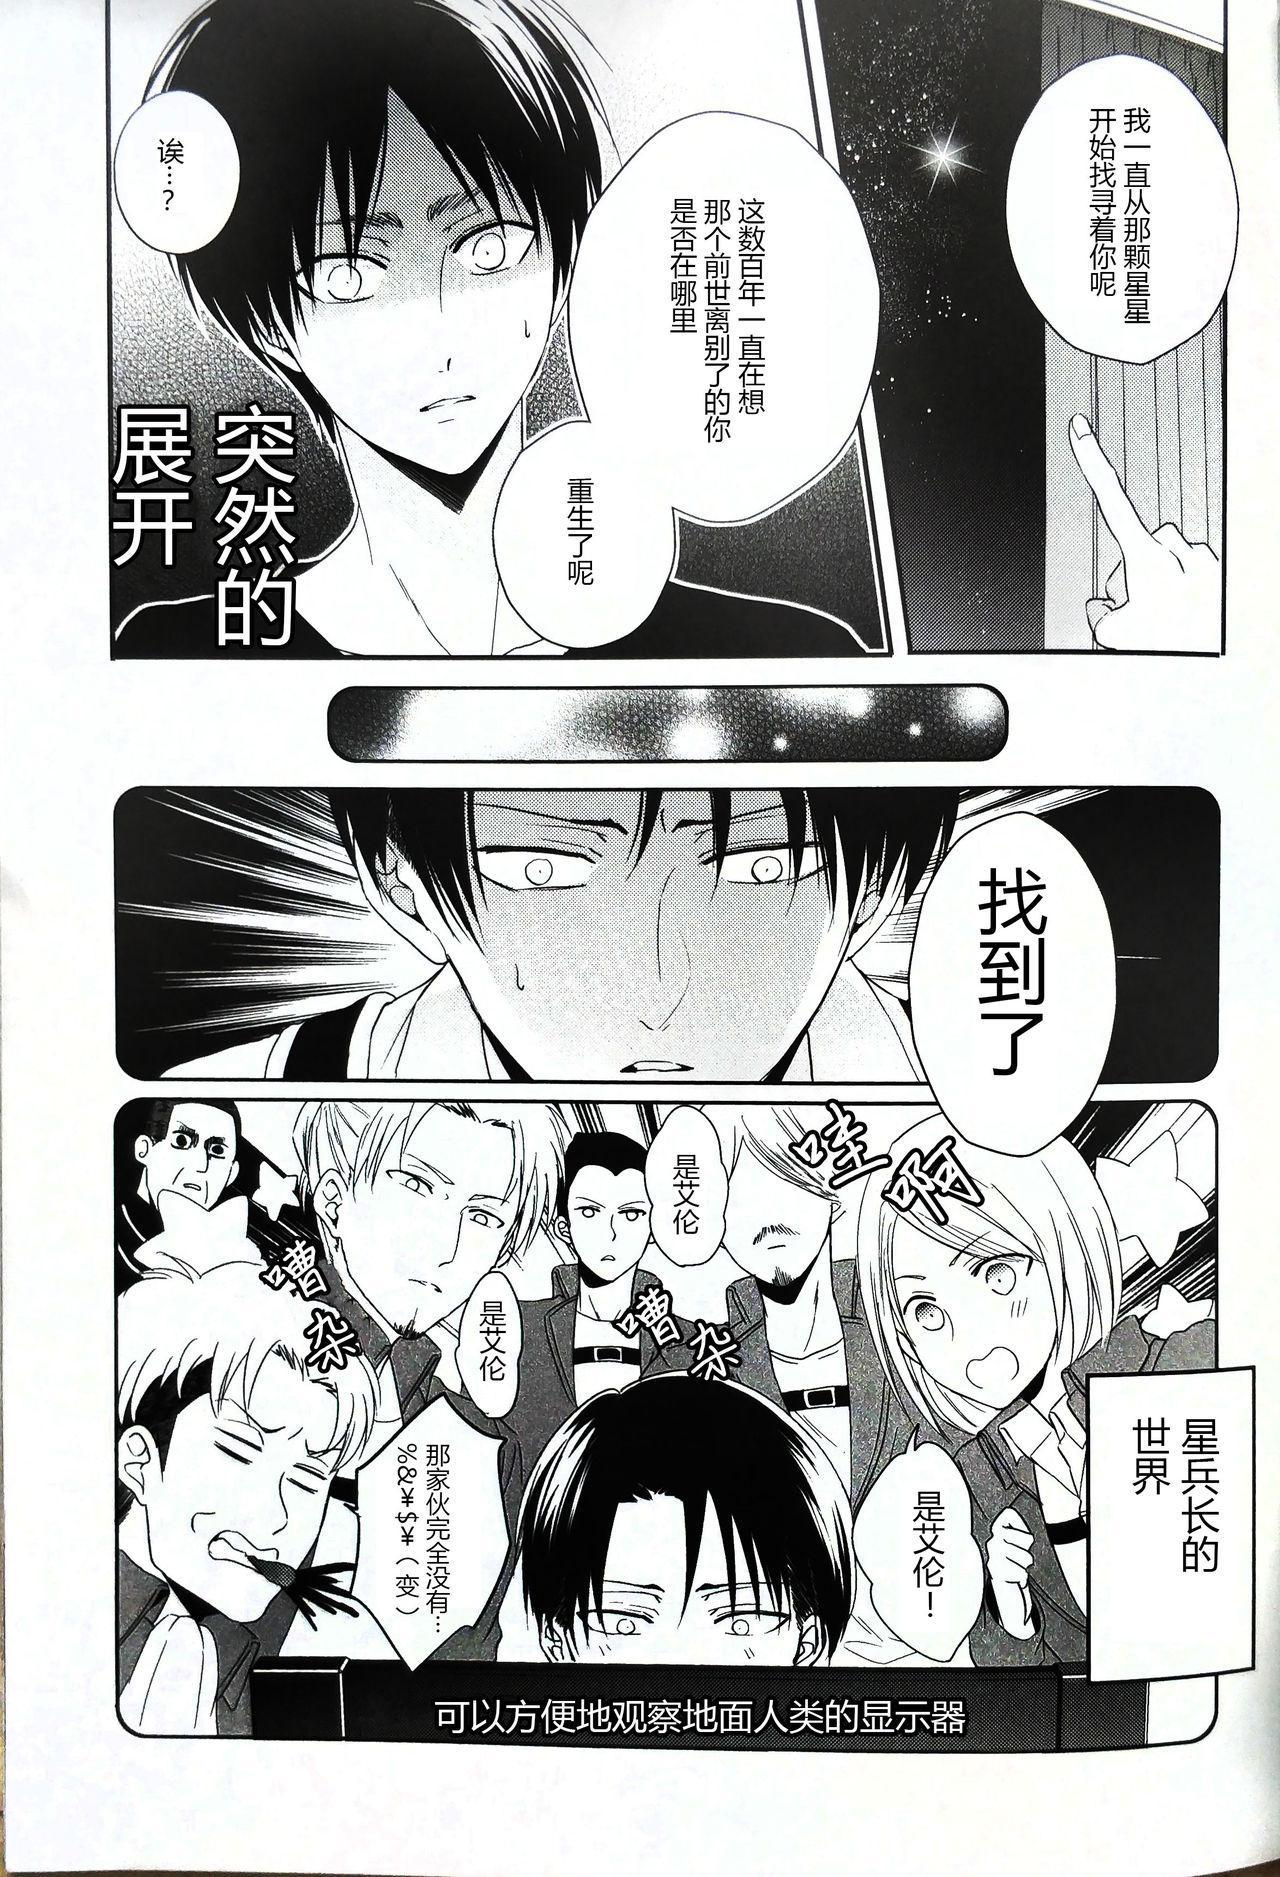 Hoshi e cho ni onegai ~tsu! | 向星兵长许愿! 26